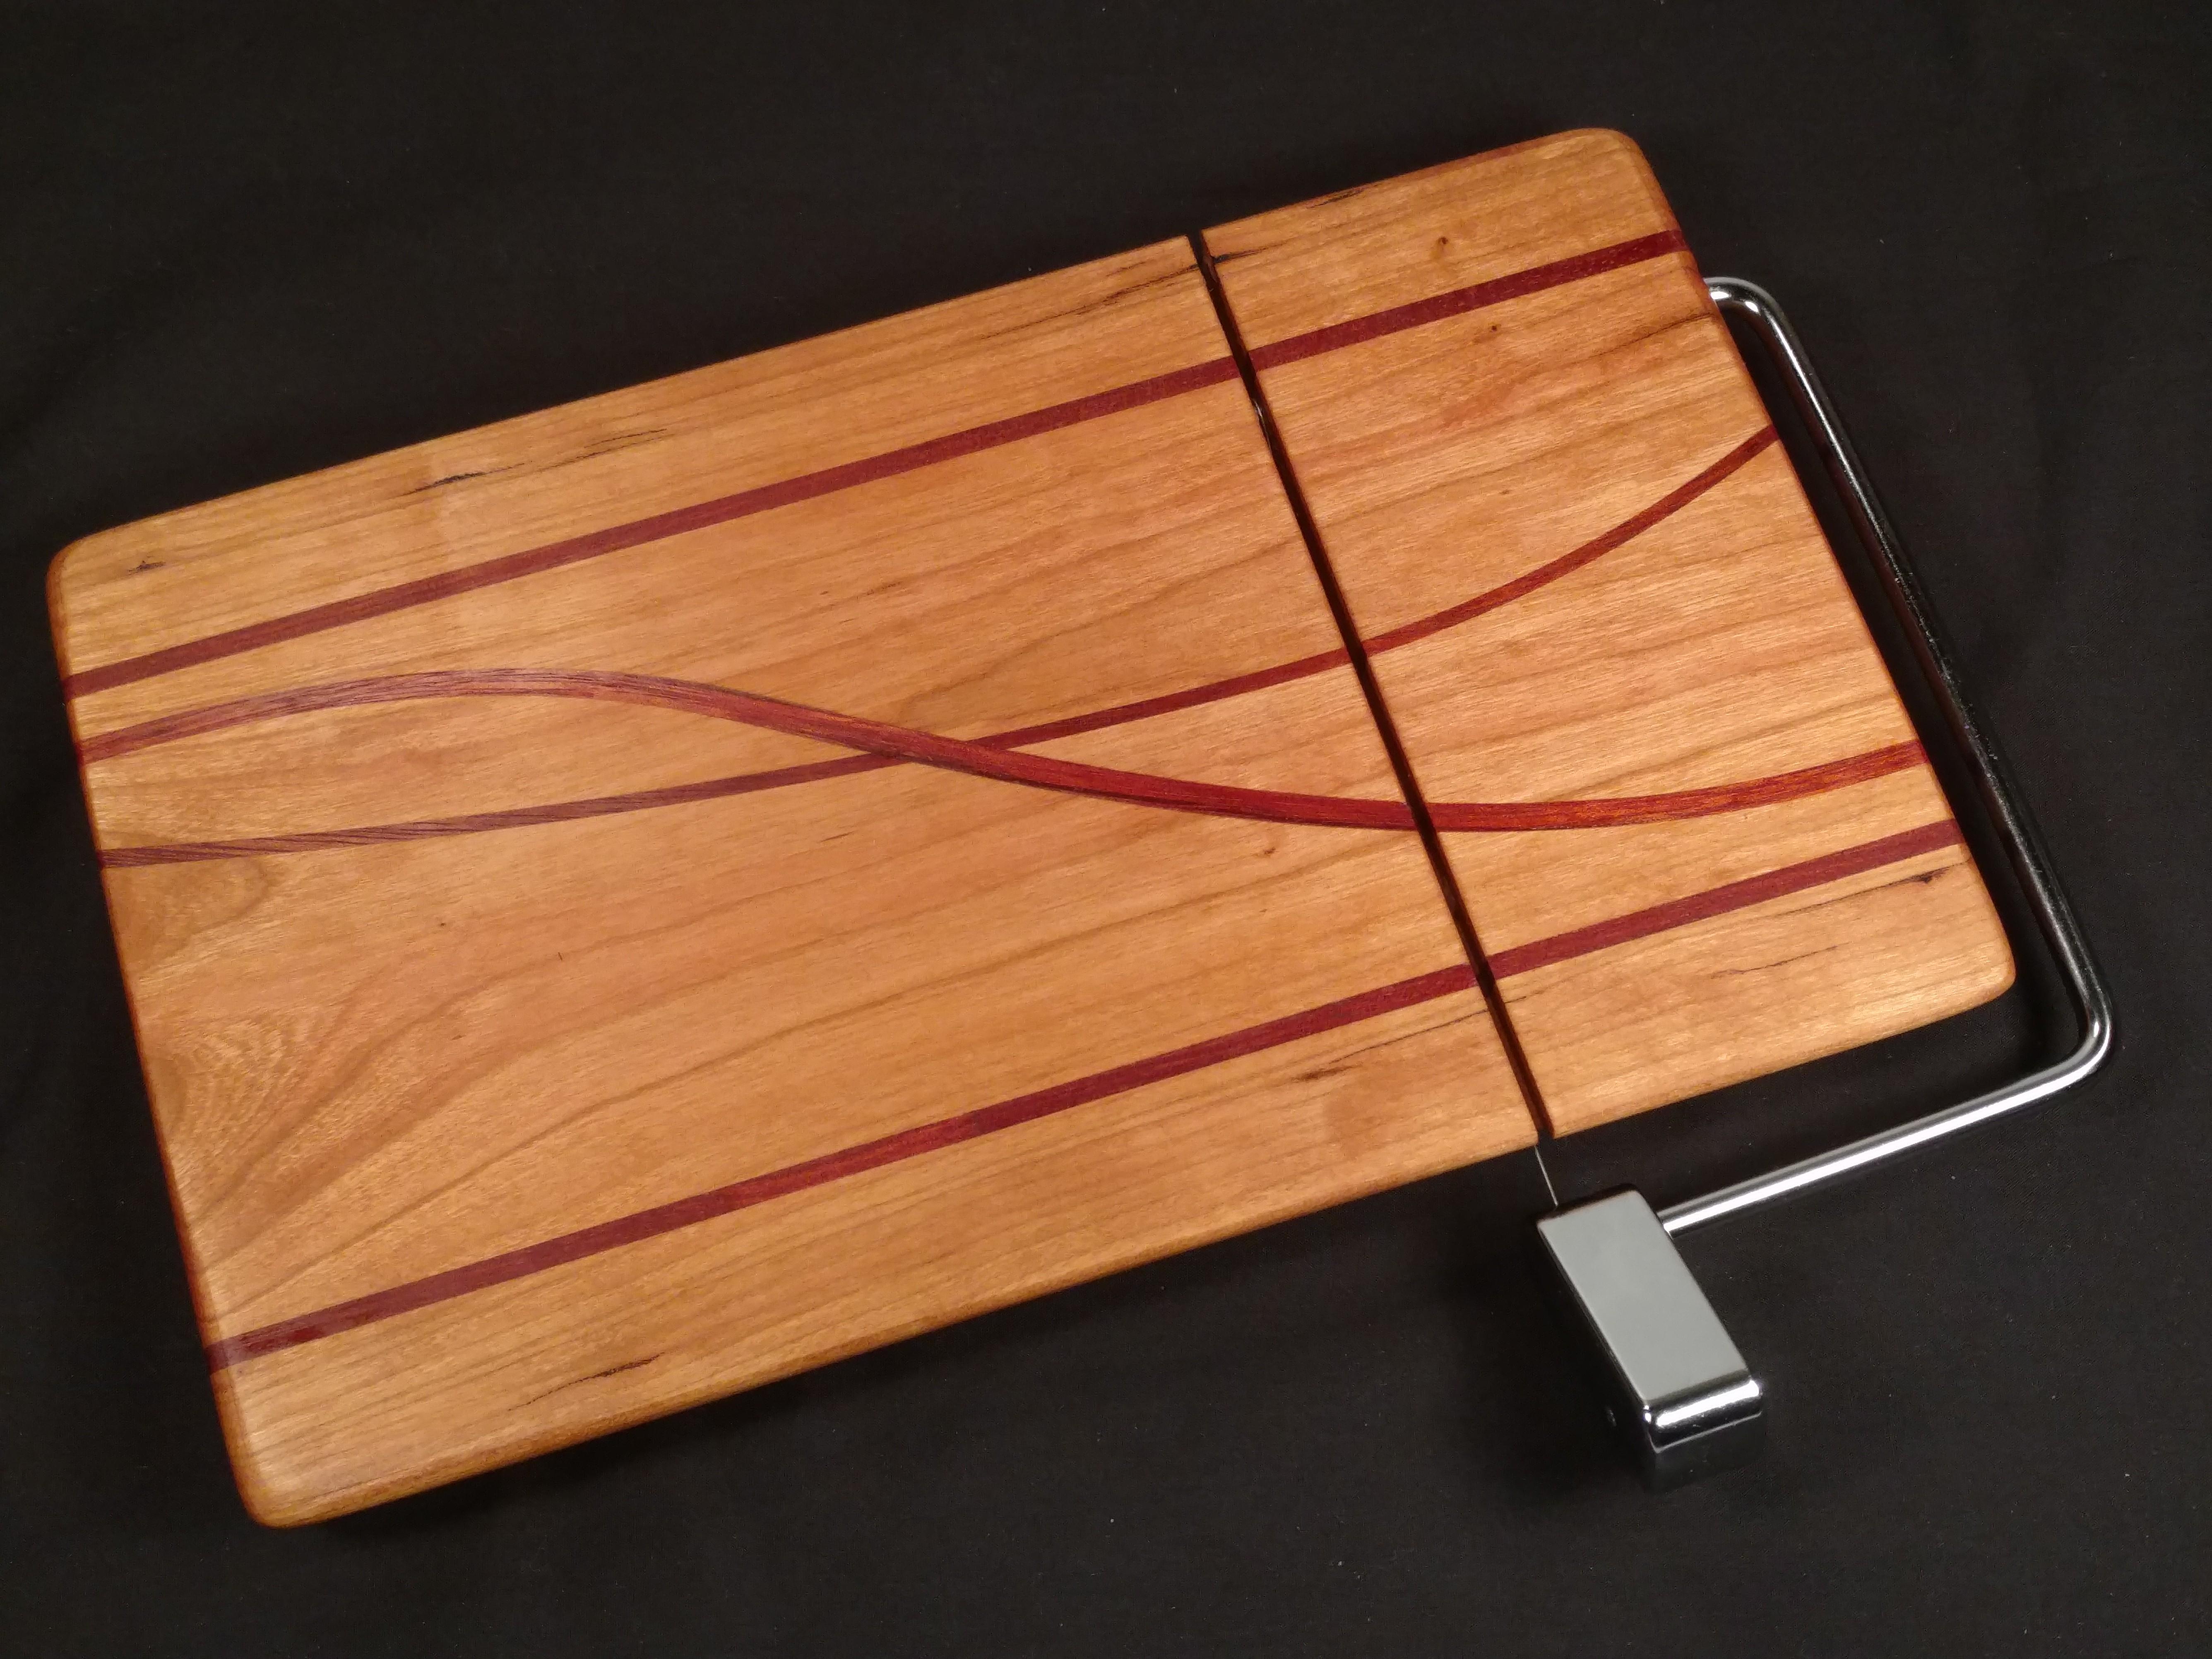 Board No. 700